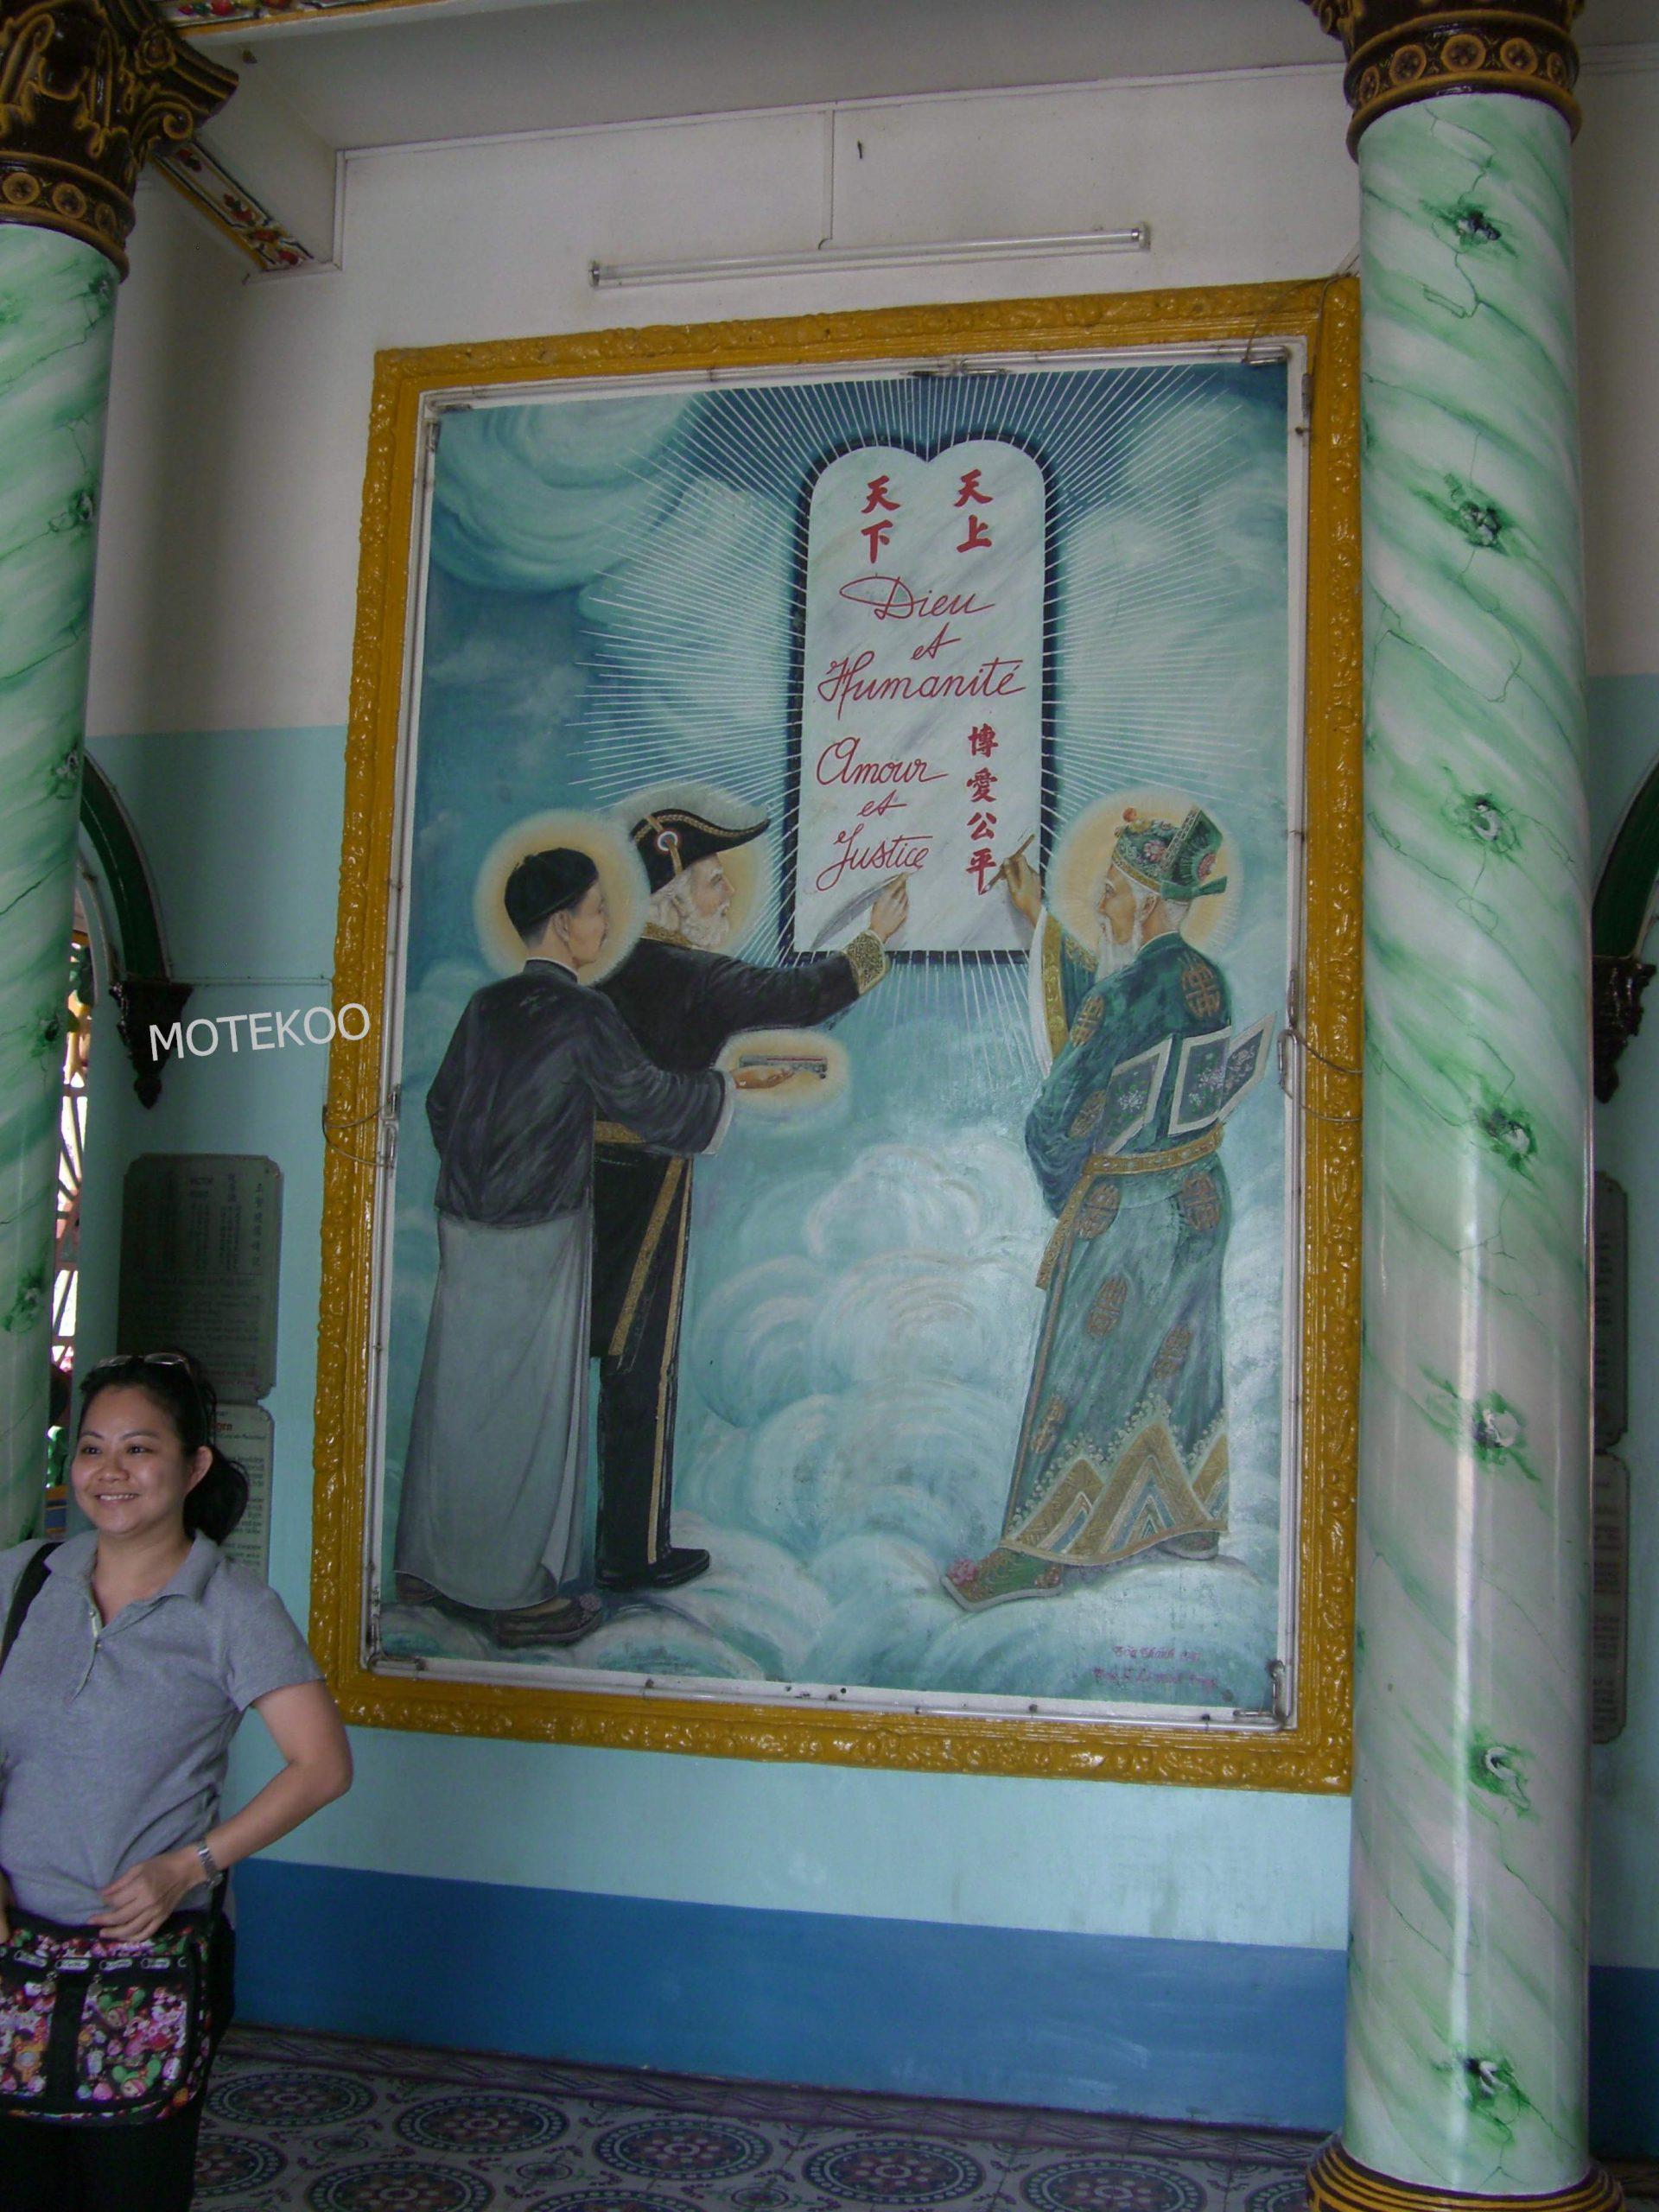 וייטנאם לוחות הברית